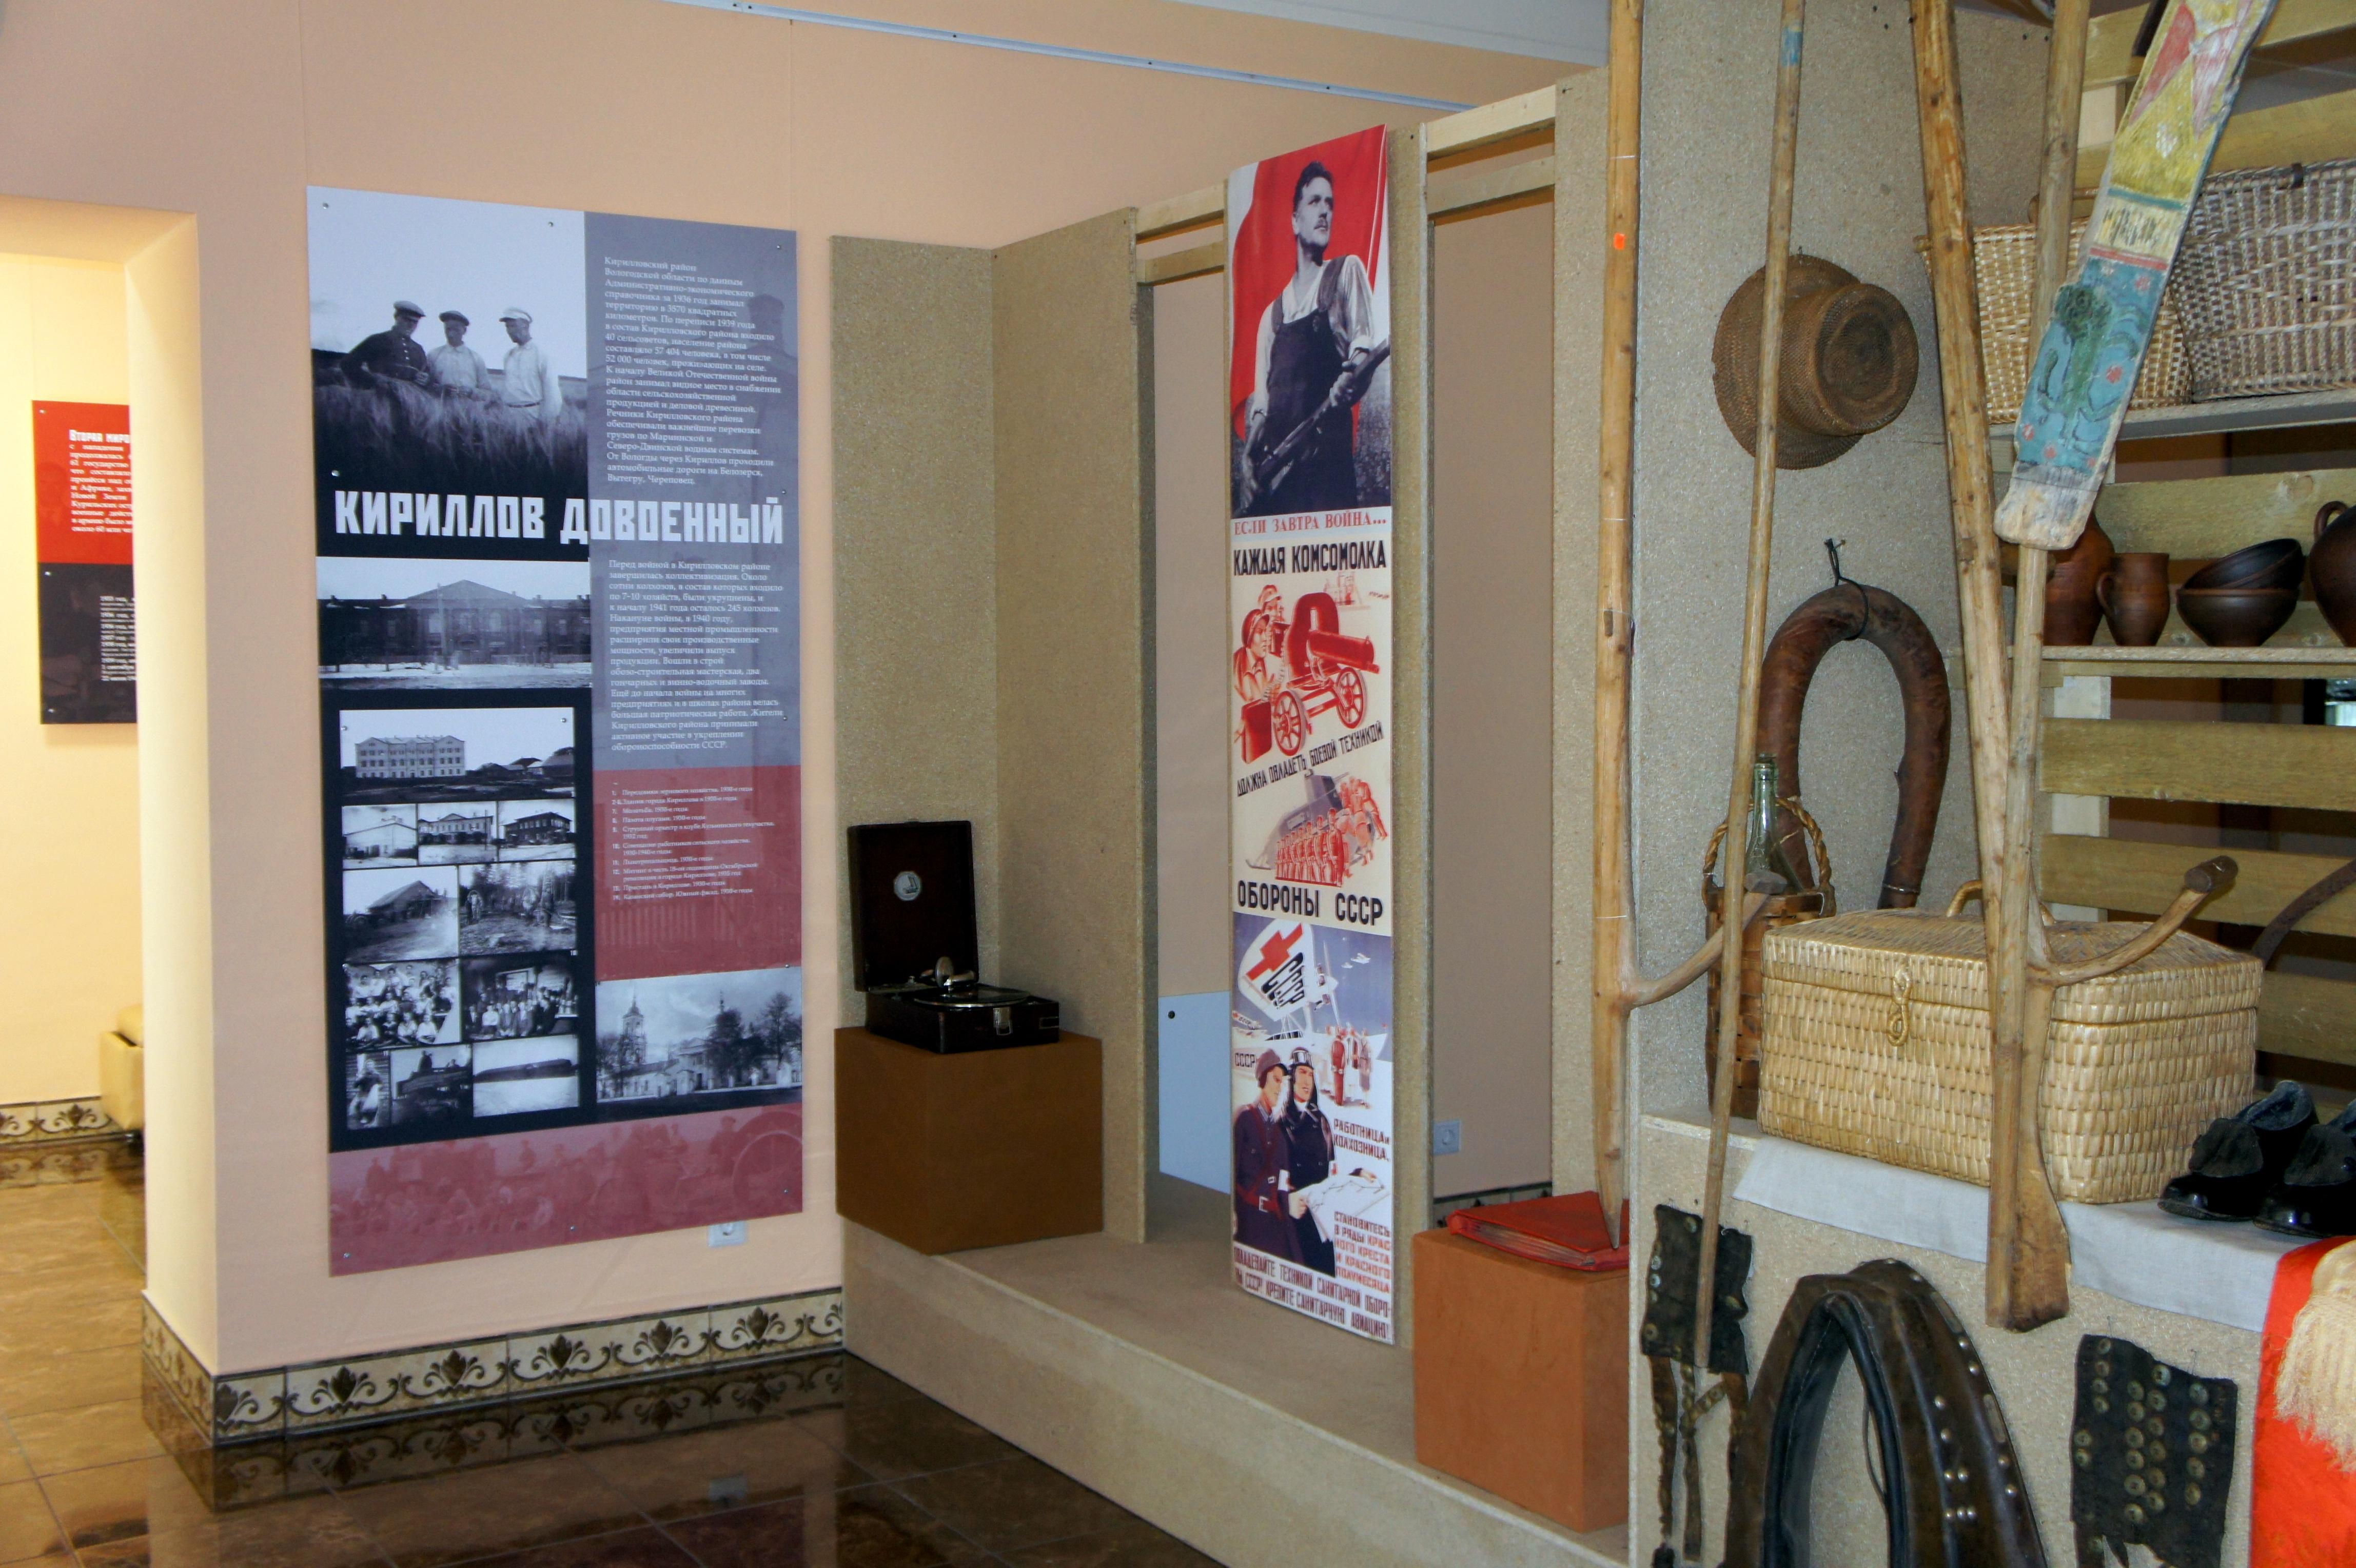 Личные вещи летчика Евгения Преображенского можно увидеть на выставке в Кириллове